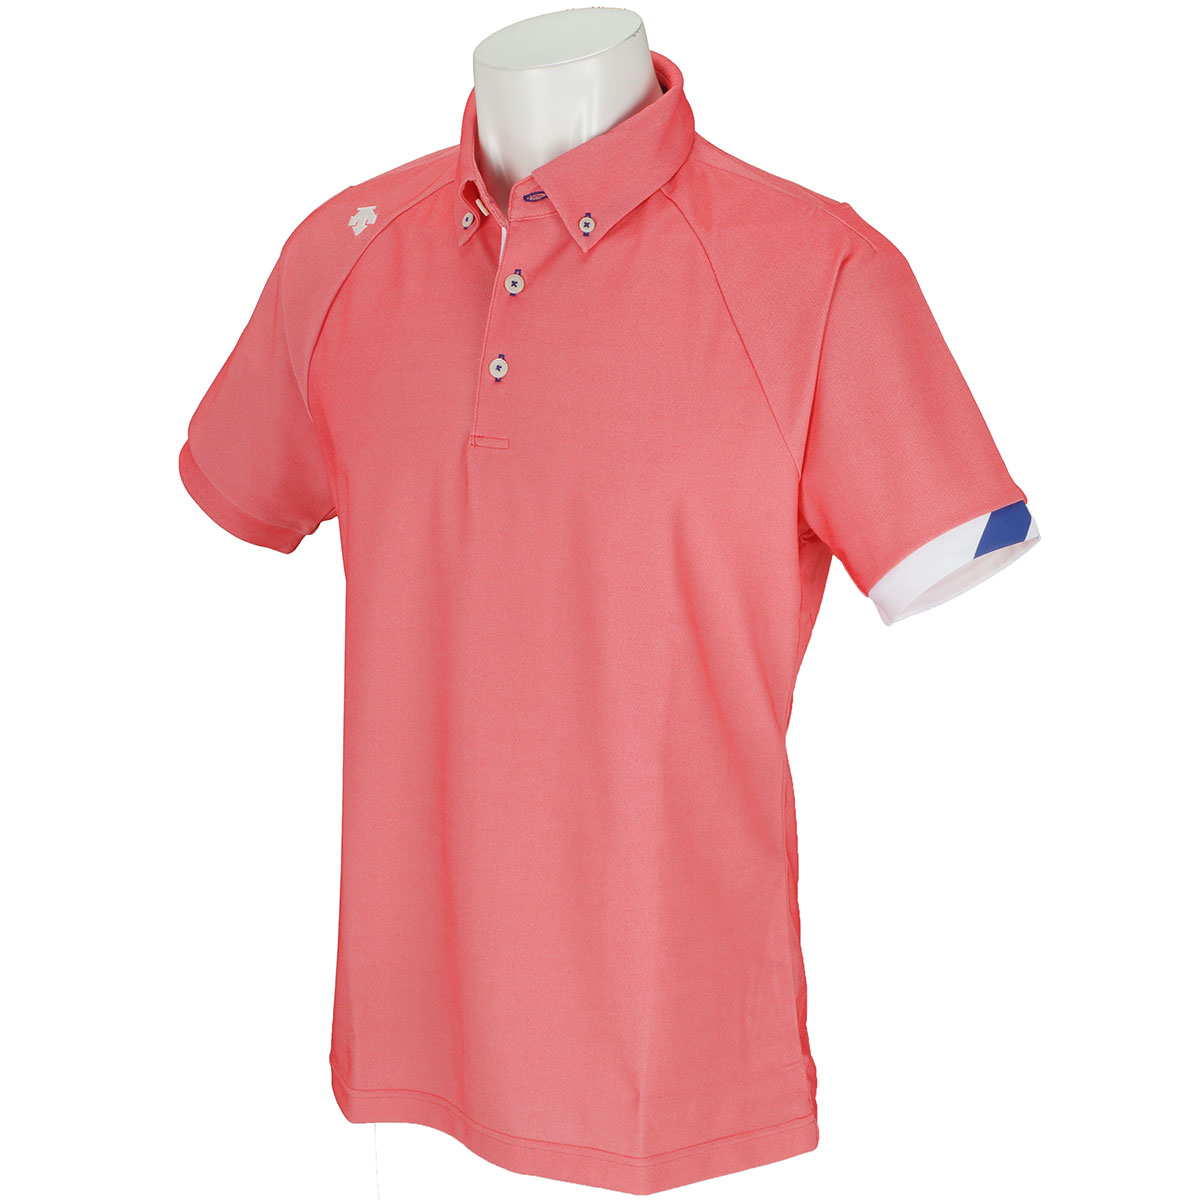 シャンブレー ボタンダウン半袖ポロシャツ